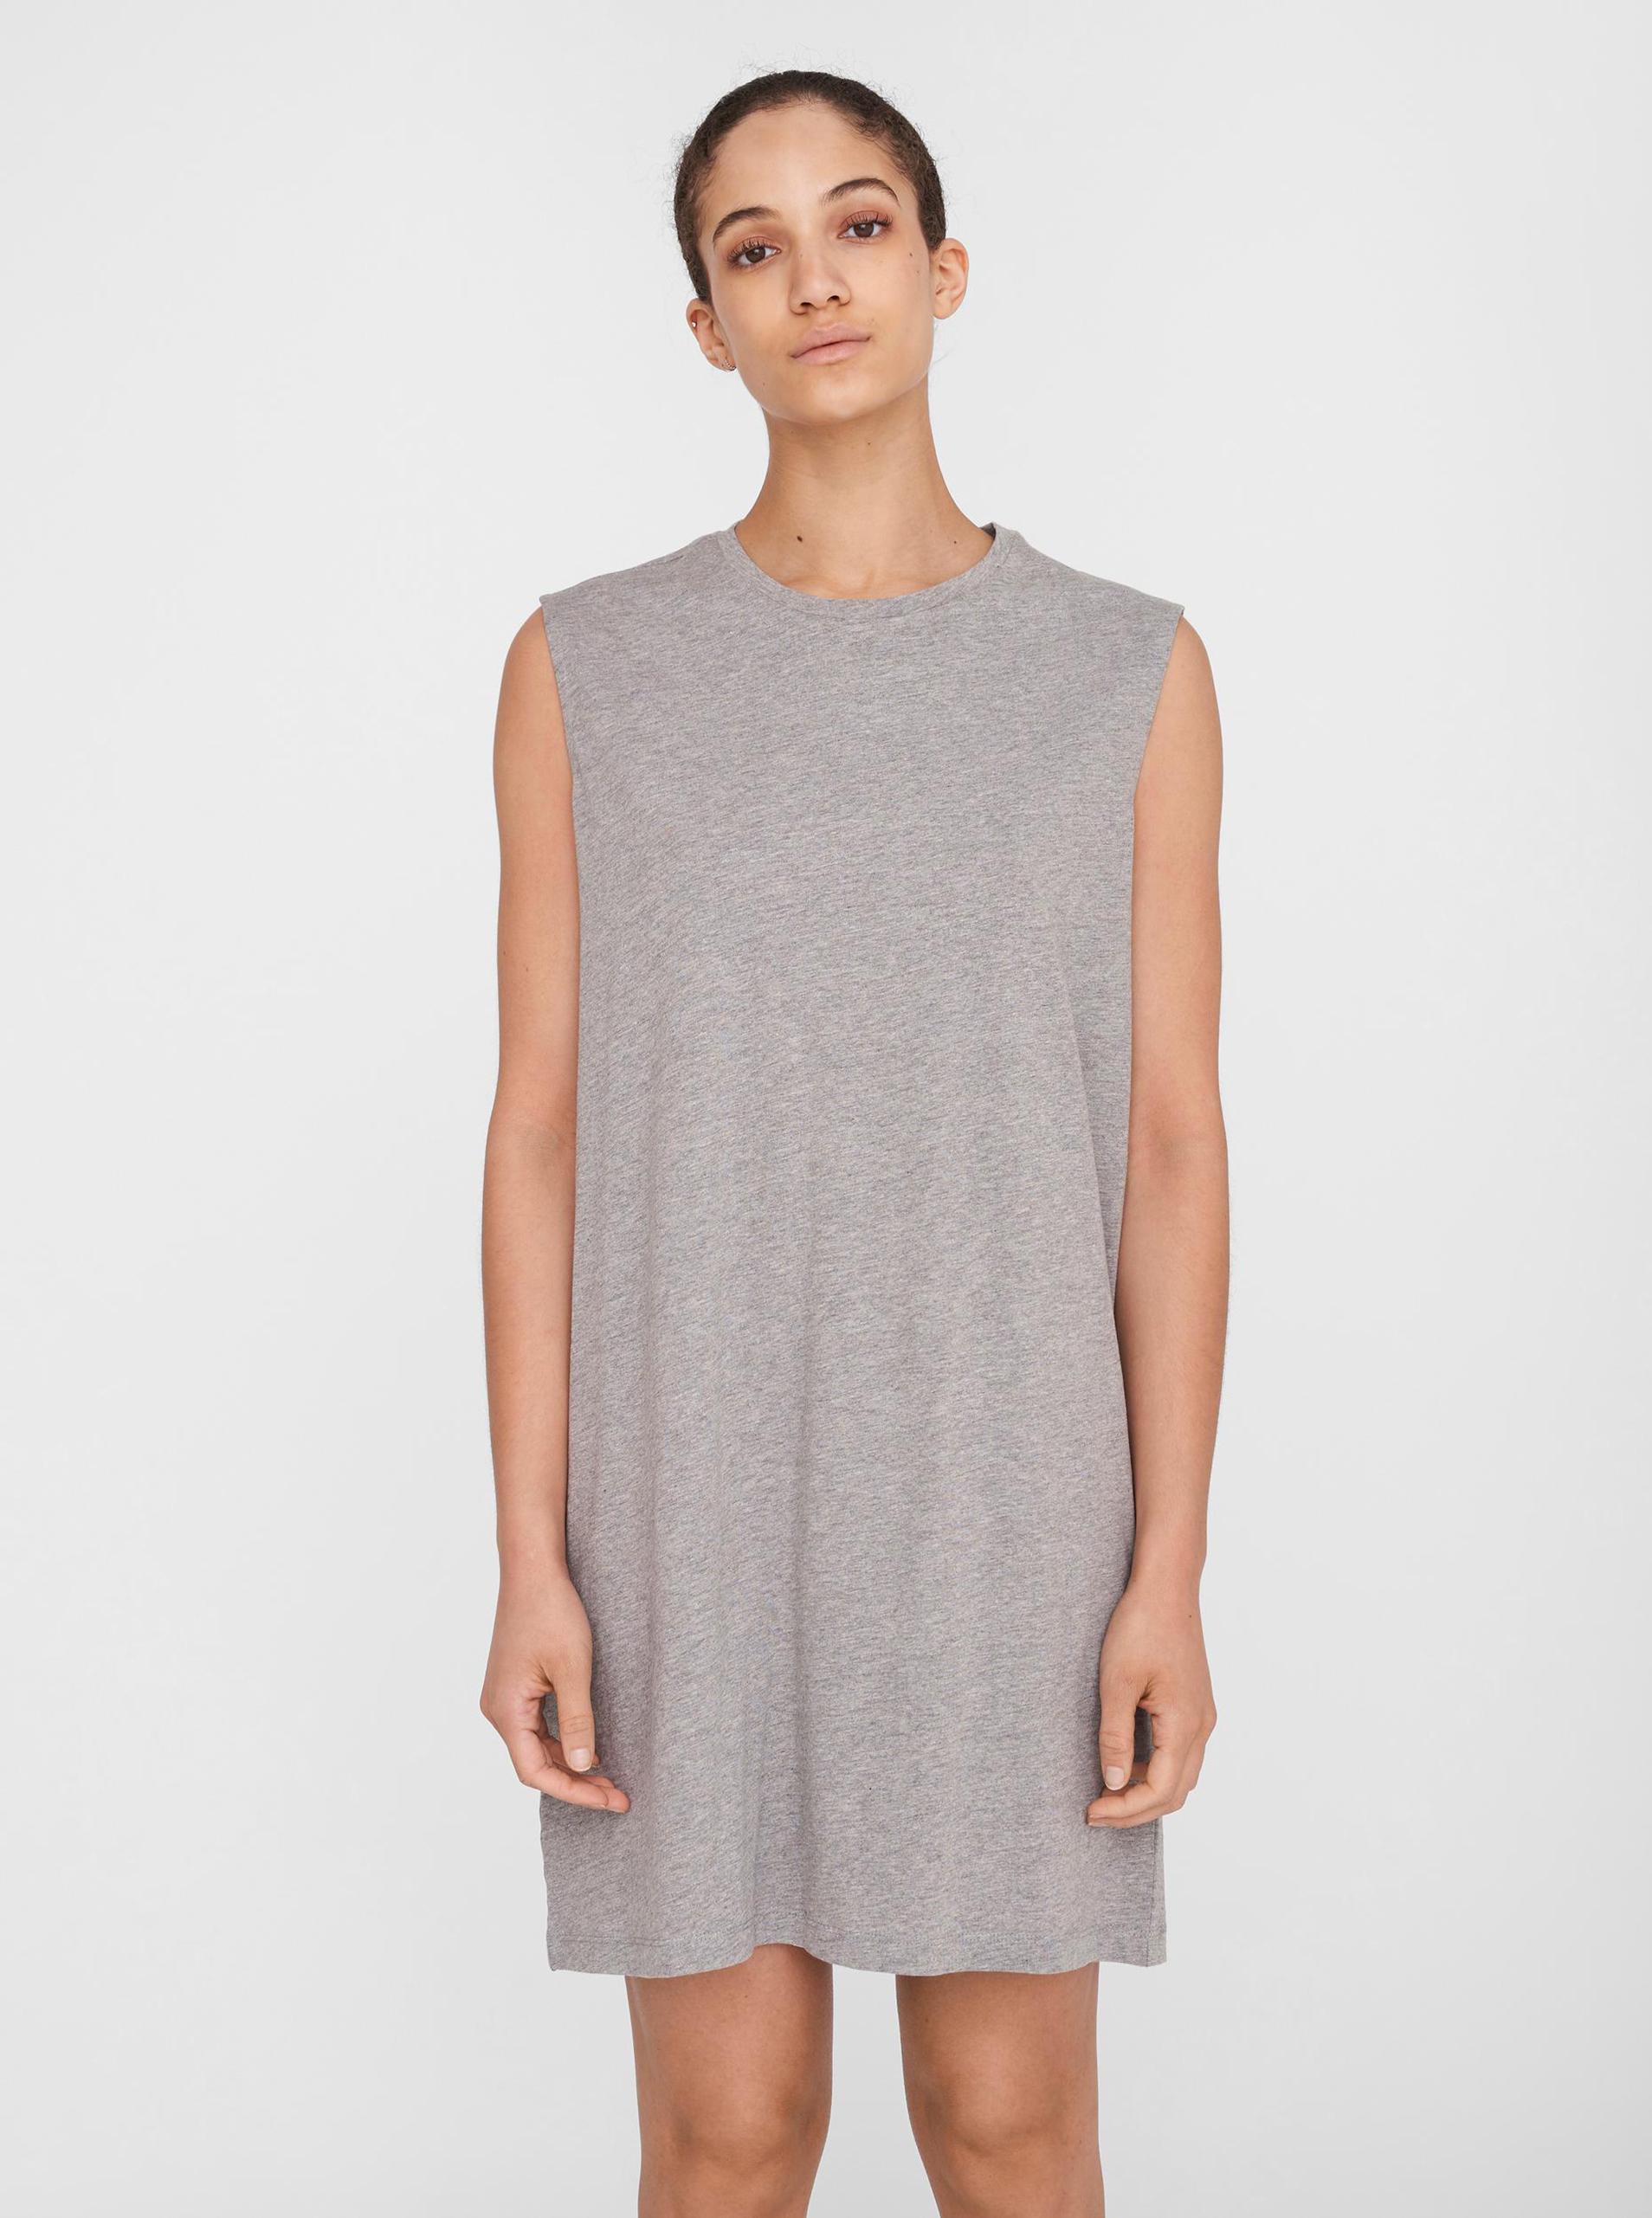 Noisy May grey dress Mayden